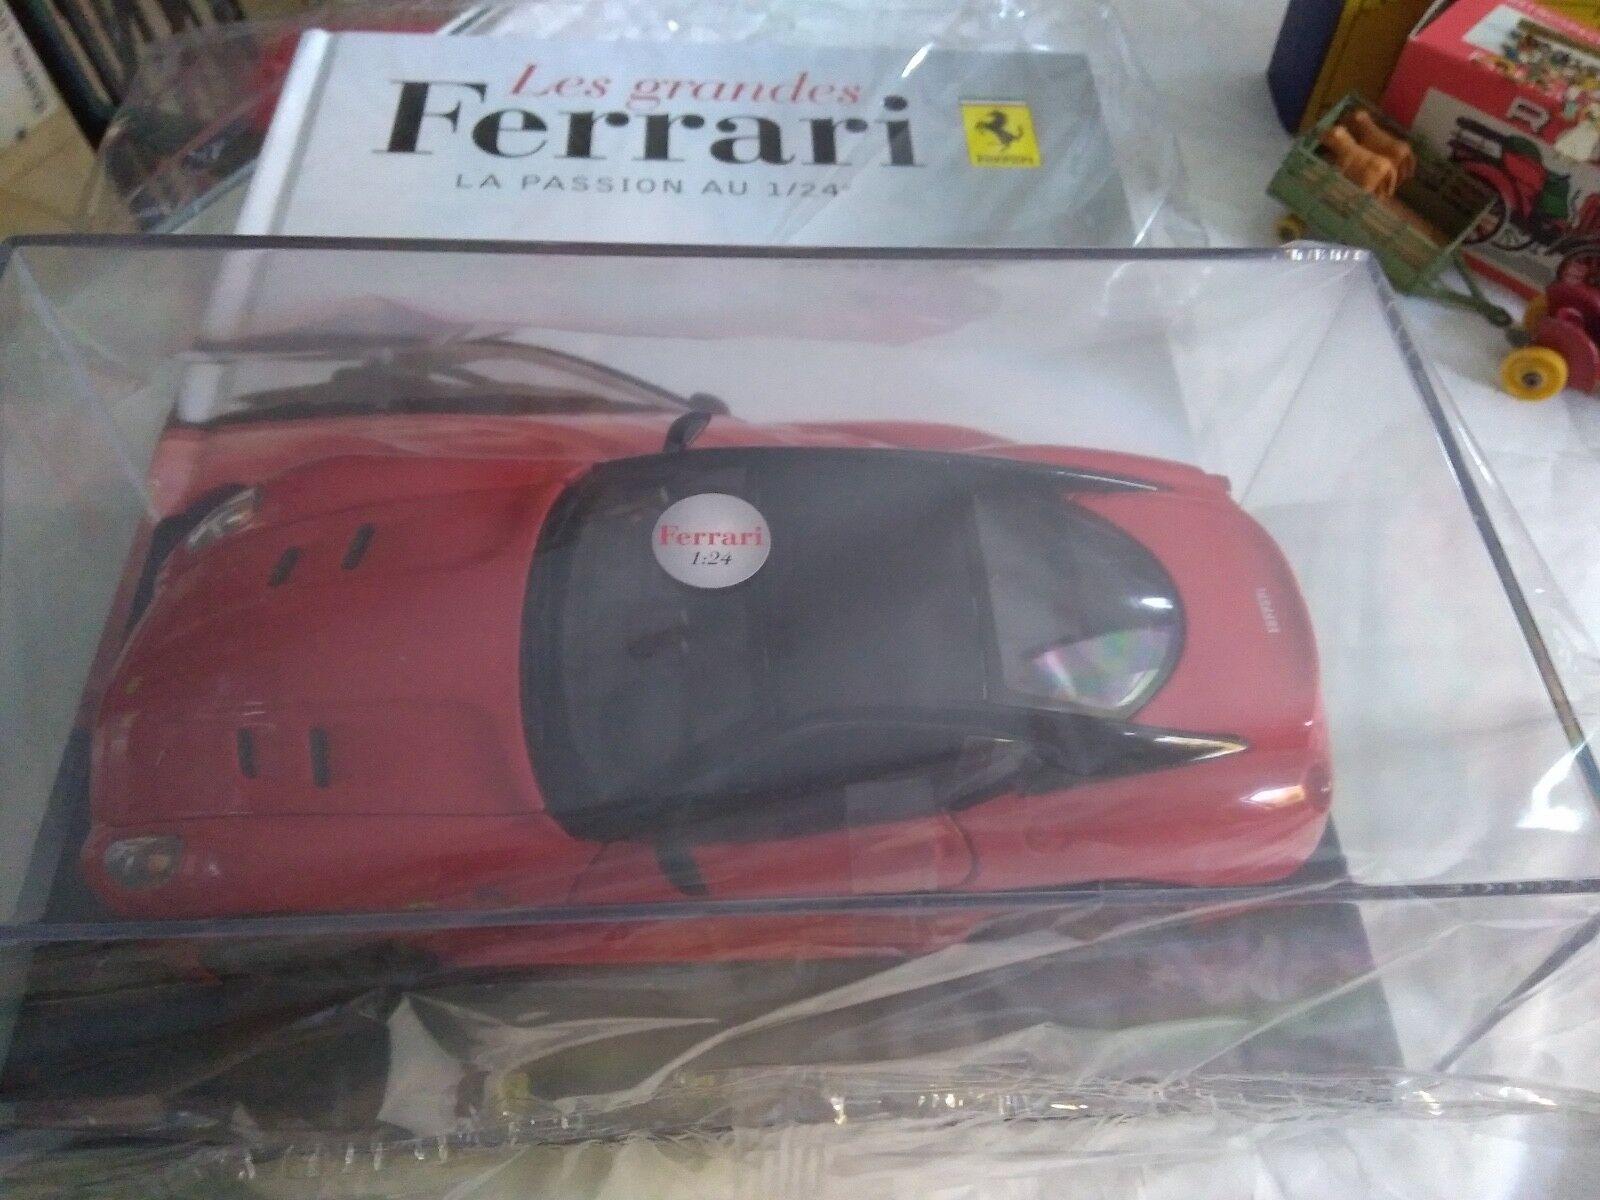 HACHETTE 1 24 FERRARI 599 GTO 2010 + LIVRE BOITE CRISTAL LUXE SUPERBE NEUF